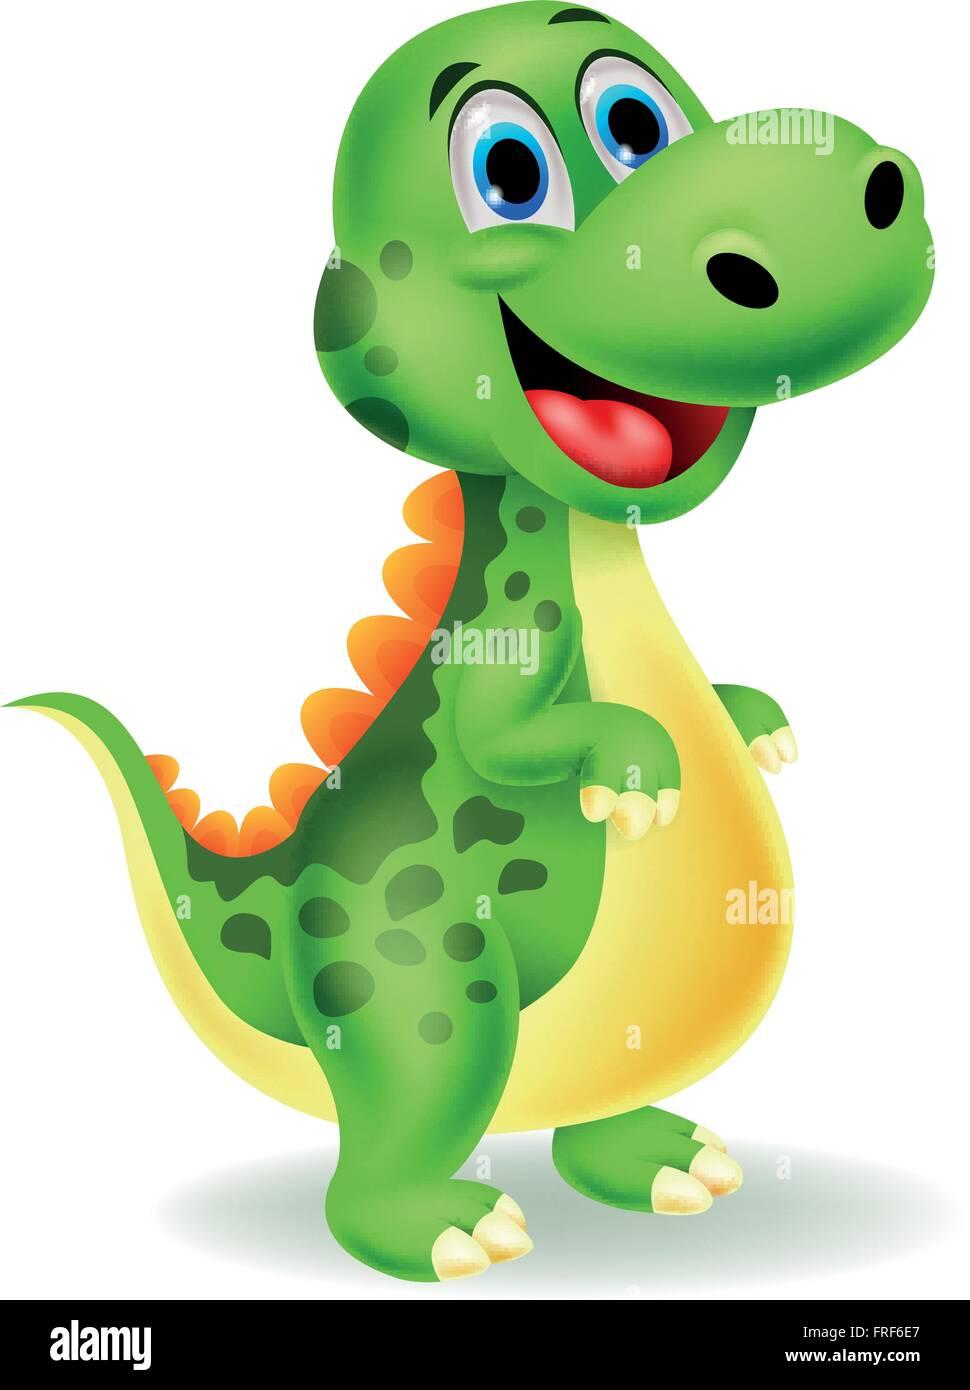 Cute Dibujos Animados Dinosaurios Imagen Vector De Stock Alamy Conocer el nombre de personajes de dibujos animados es el primer paso, y luego ya vamos sabiendo cuales. https www alamy es foto cute dibujos animados dinosaurios 100523311 html